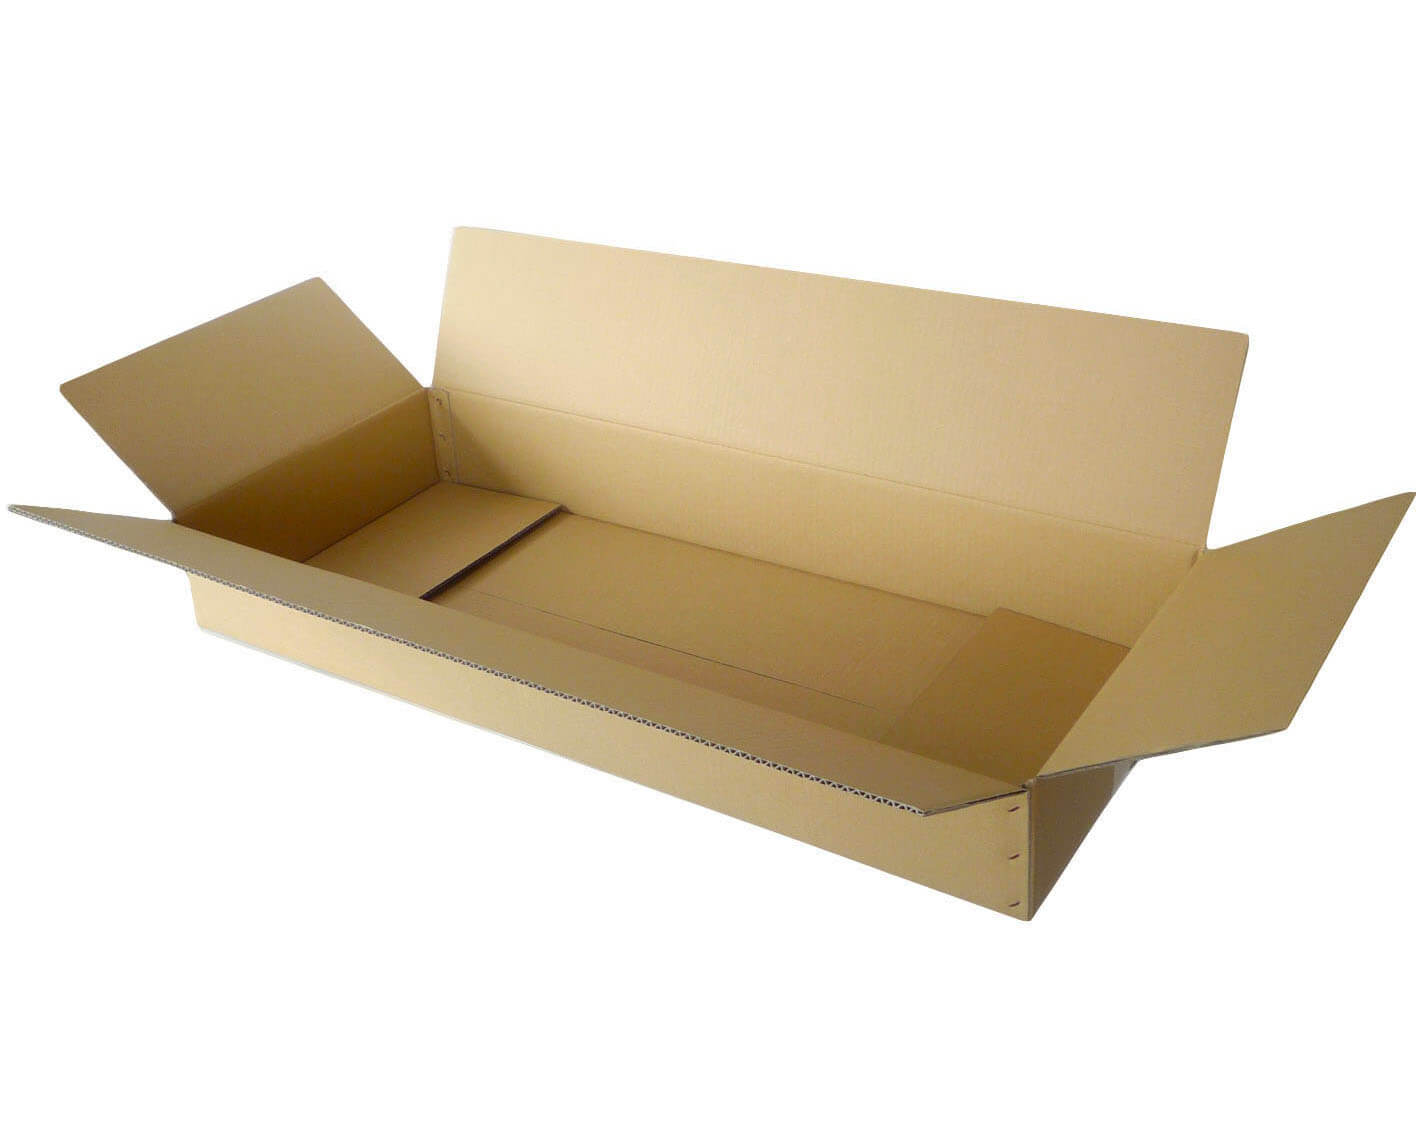 【160サイズ】ギター・長尺用ダンボール箱  [ 105×40×13cm ] (FU02)